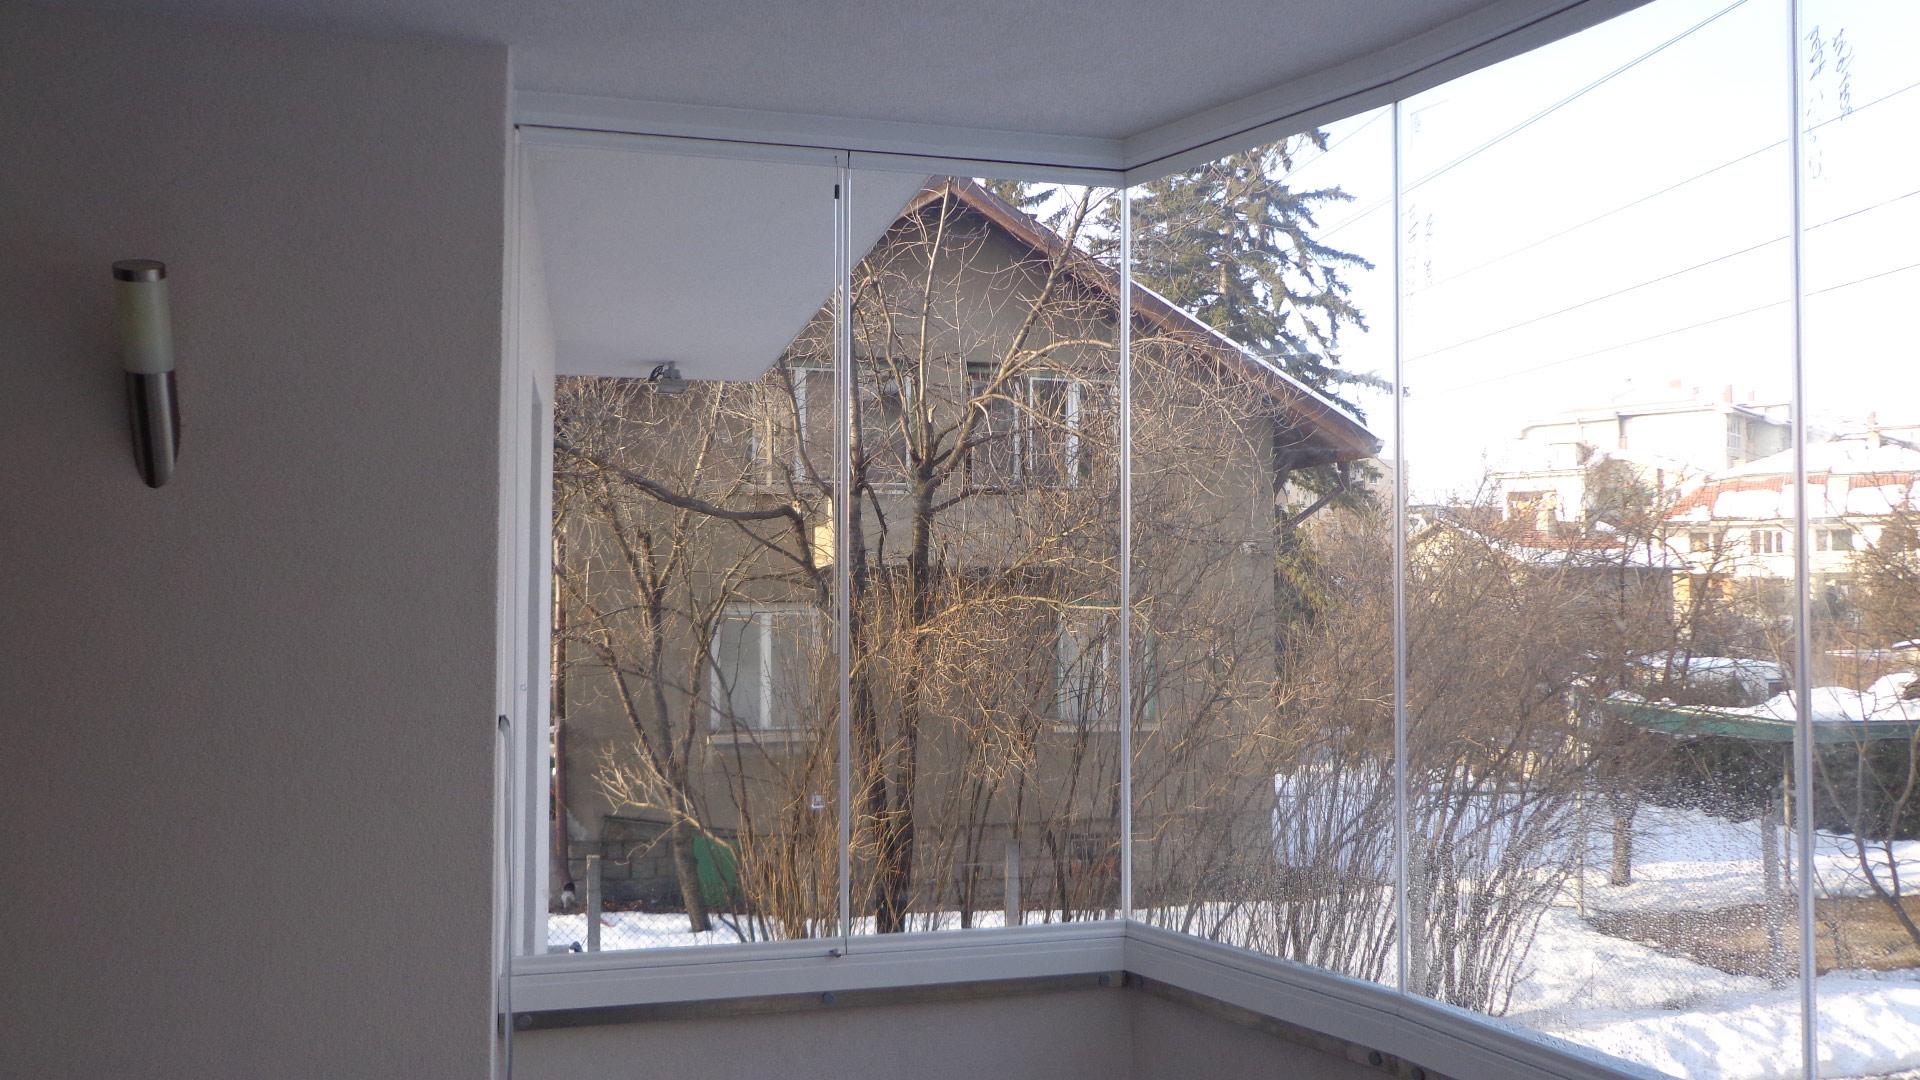 vista interior acabado de instalación cerramiento de cristal bulgaria